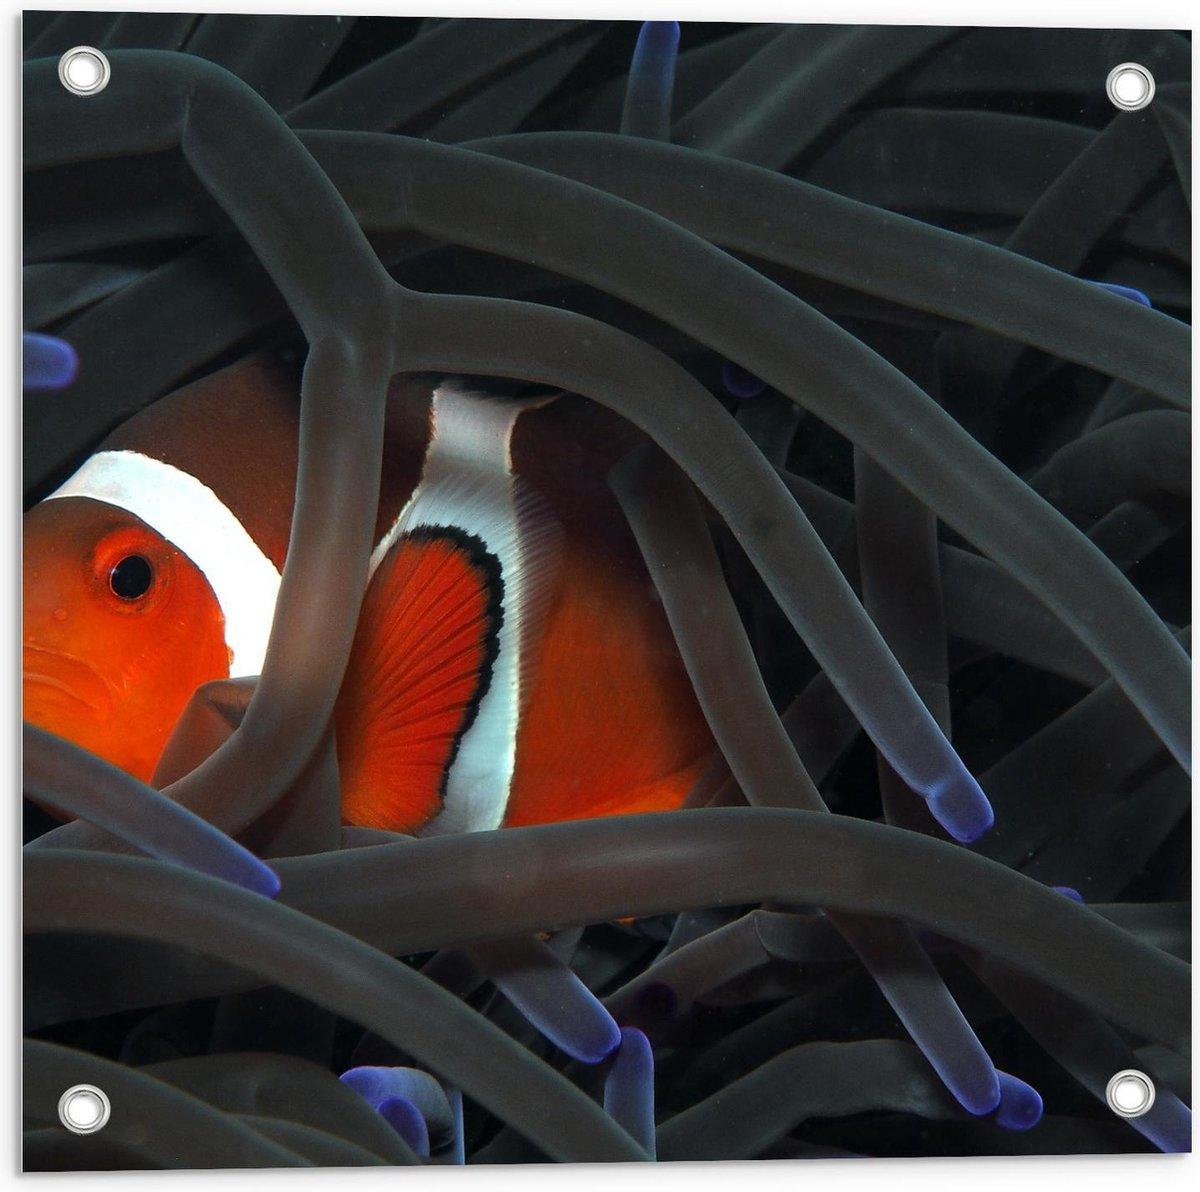 Tuinposter – Booskijkende Vis - 50x50cm Foto op Tuinposter  (wanddecoratie voor buiten en binnen)